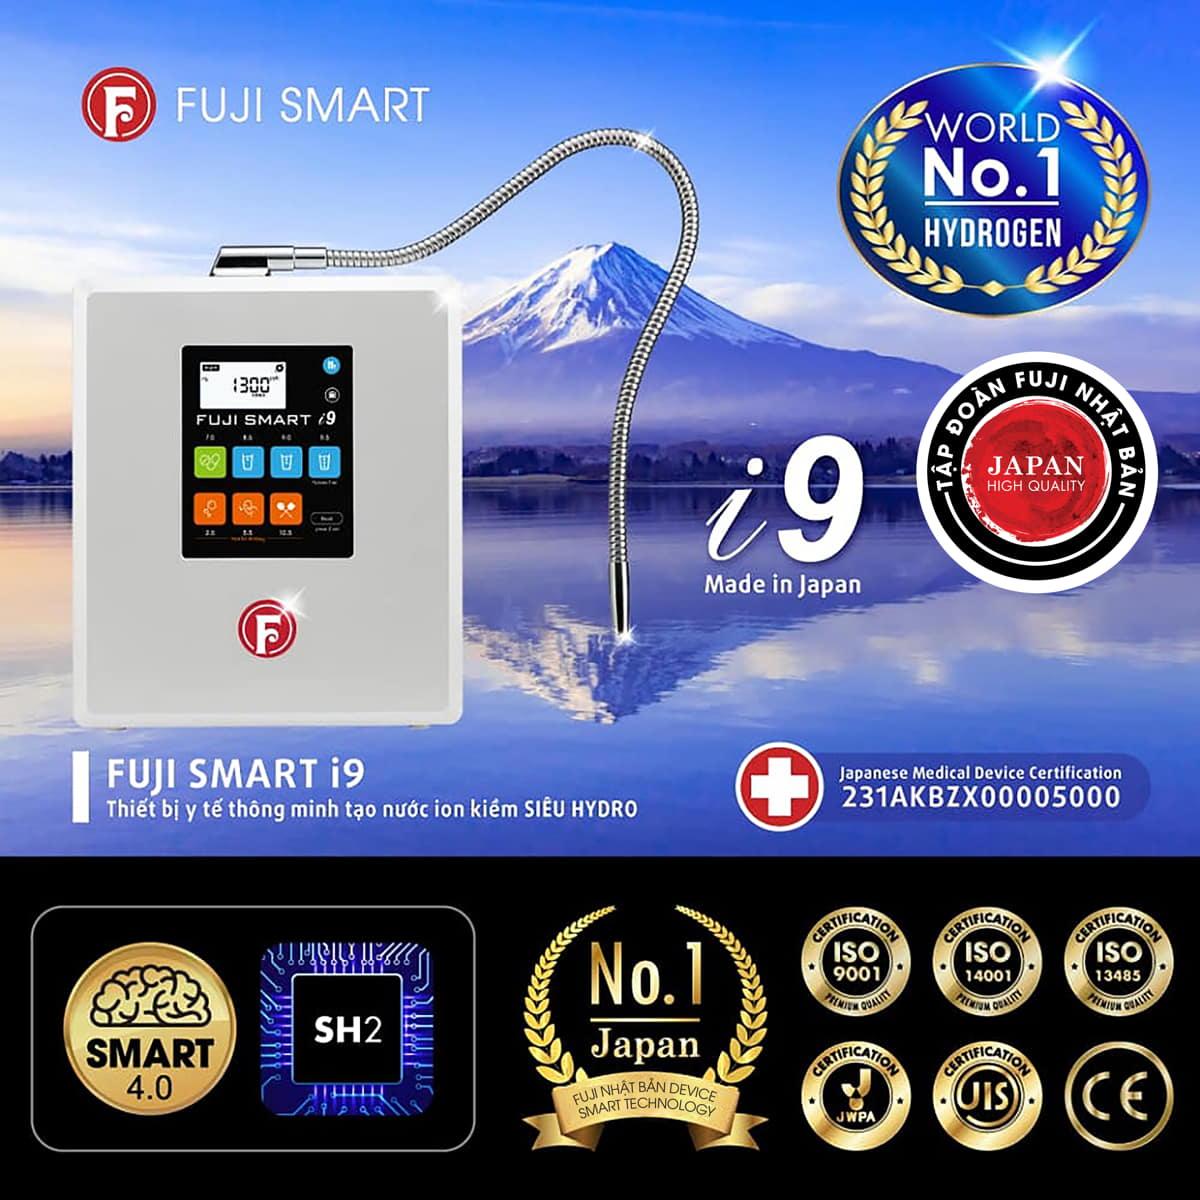 mua máy fuji smart i9 giá rẻ chính hãng ở đâu